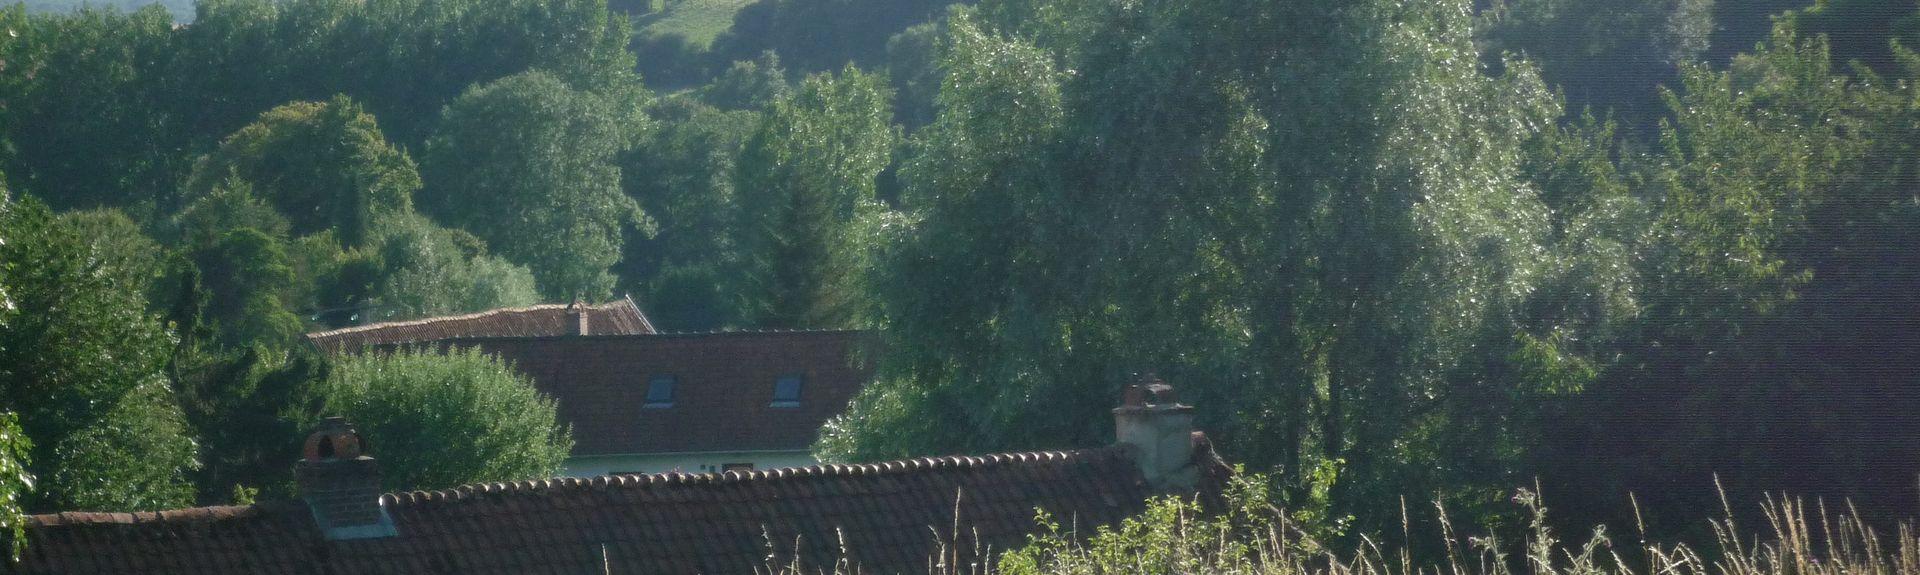 Clenleu, France